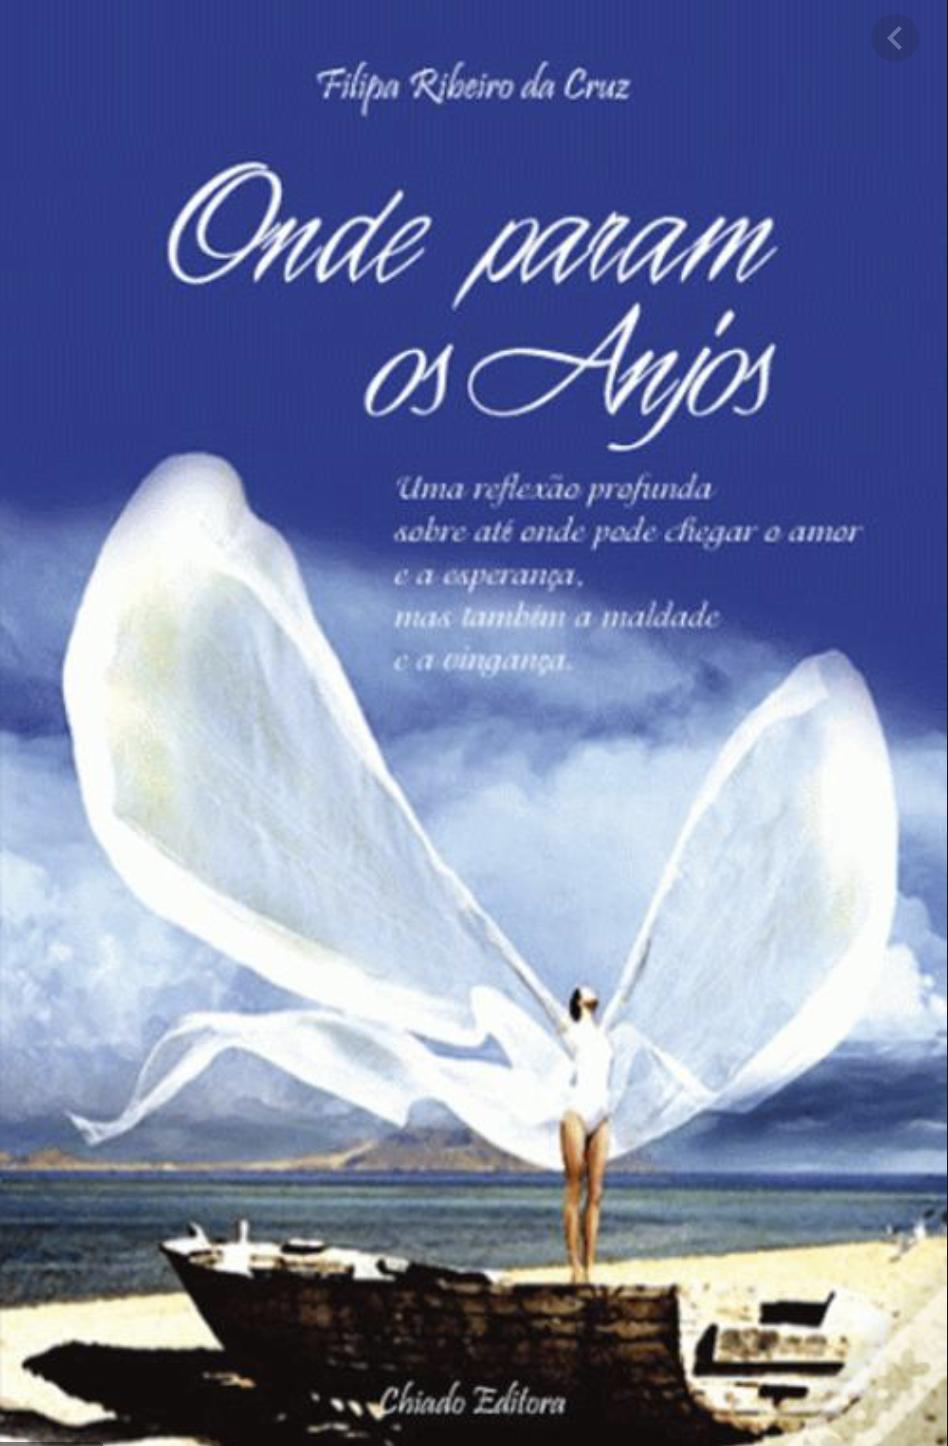 Onde Param os Anjos de Filipa Ribeiro da Cruz